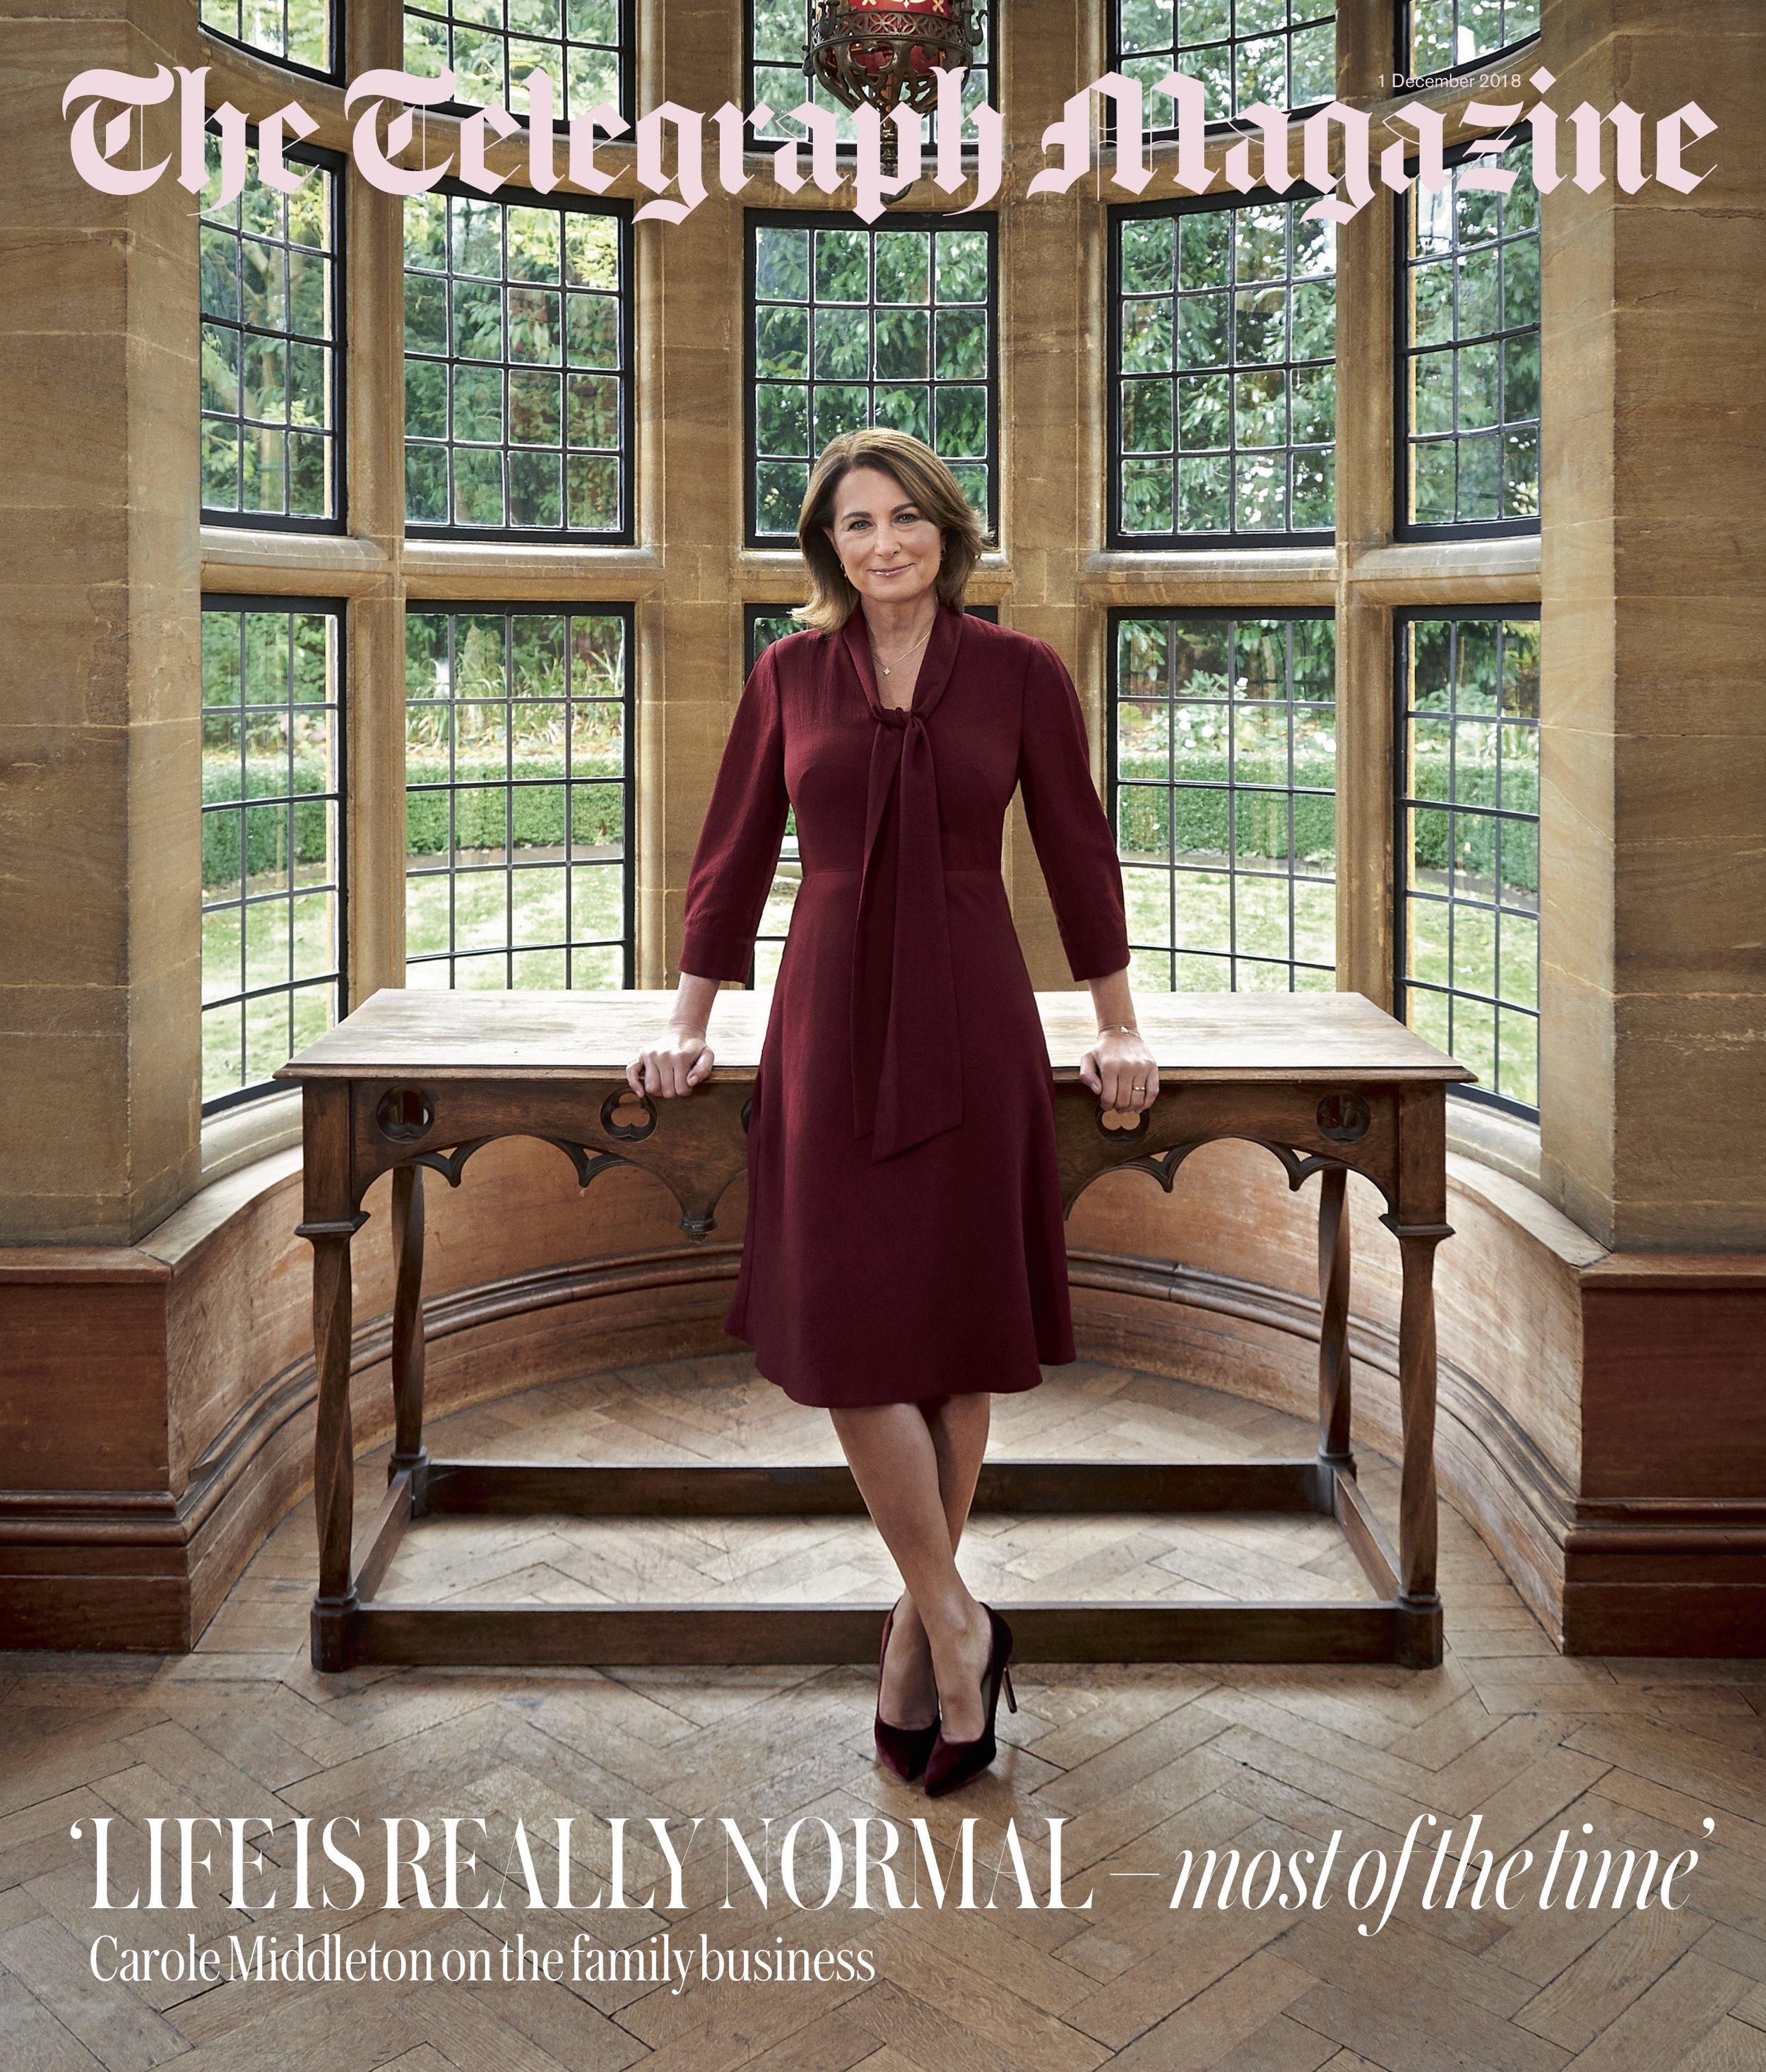 Daily Telegraph Magazine_01-12-2018_Main_1st_p1.jpg